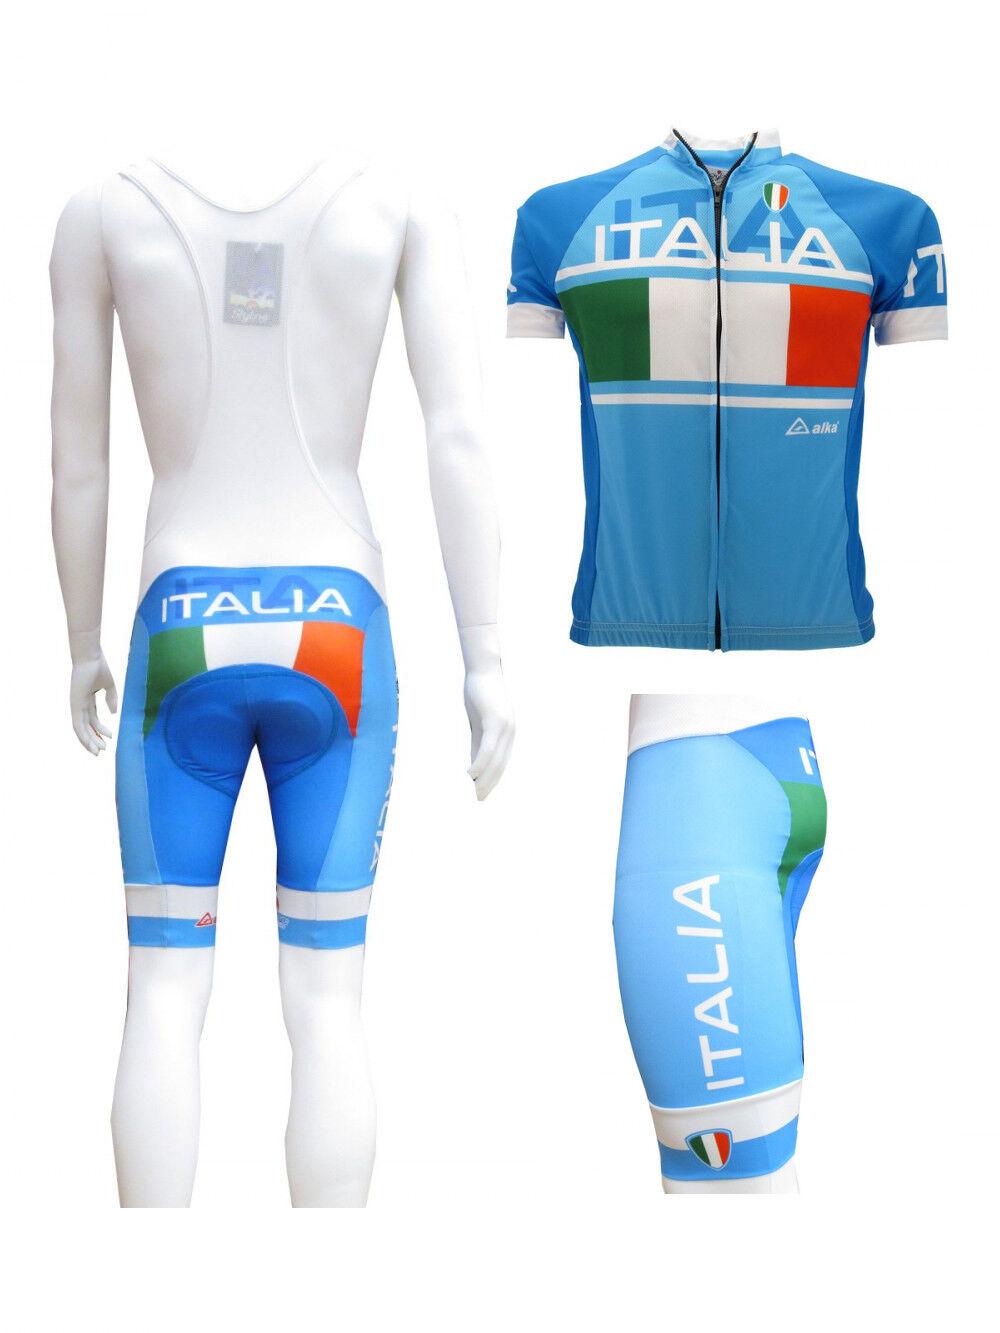 Calzoni Divisa Maglia Ciclismo Italia Divisa Calzoni Azzurra Salopette abbigliamento bicicletta 3fe3af